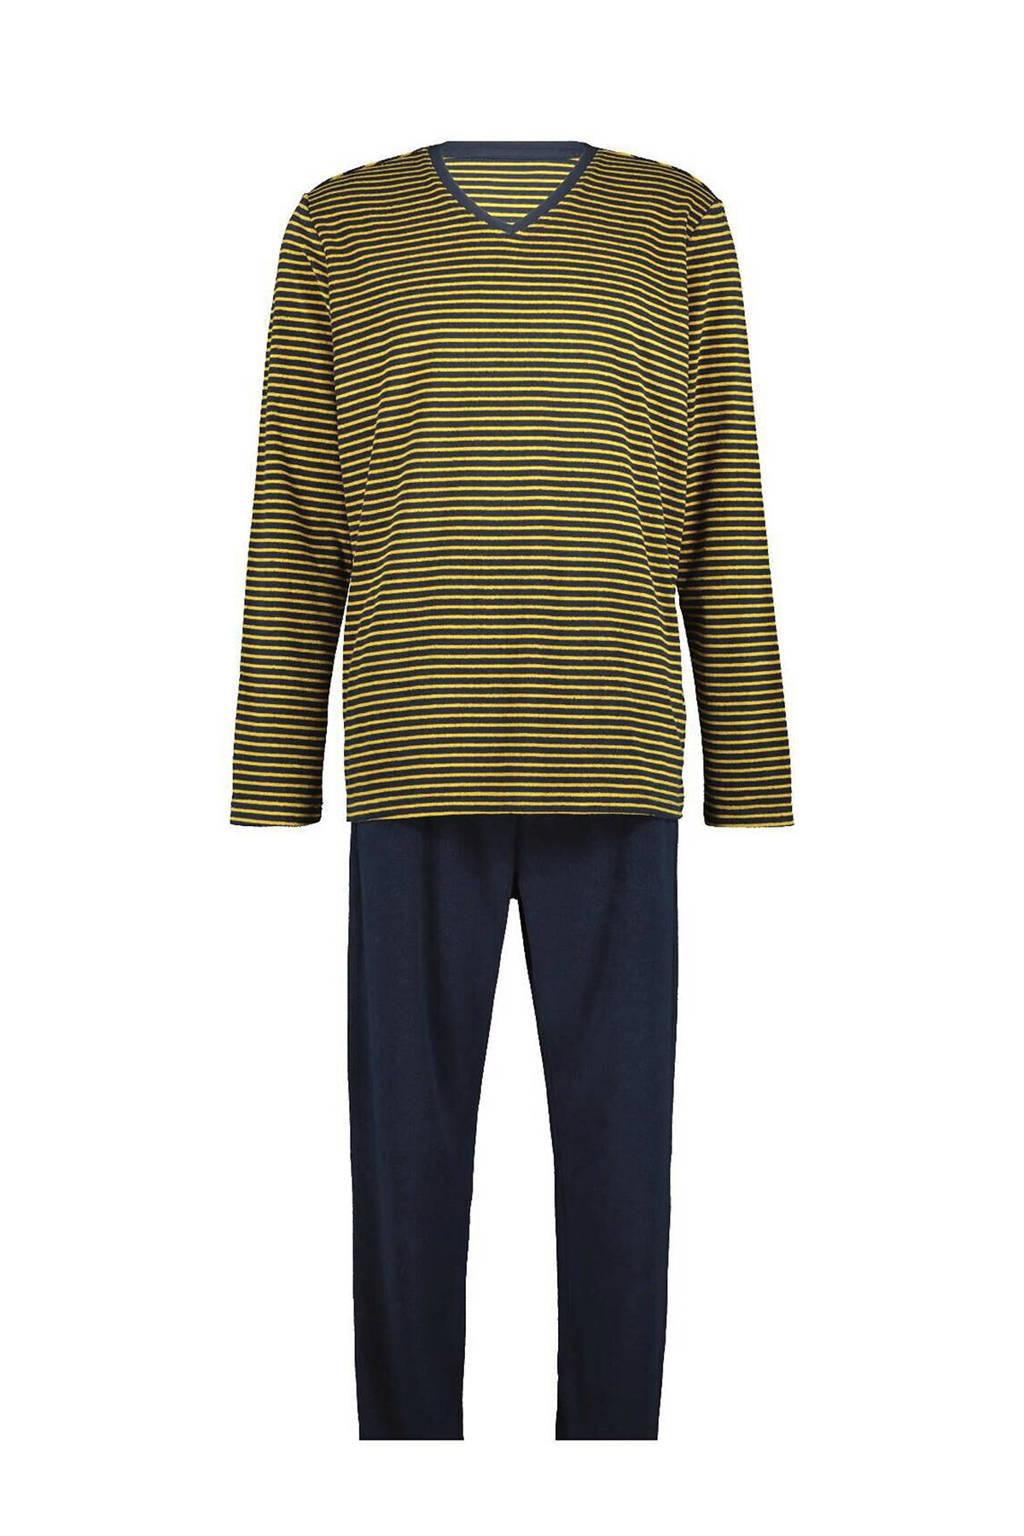 HEMA pyjama met strepen donkerblauw/geel, Donkerblauw